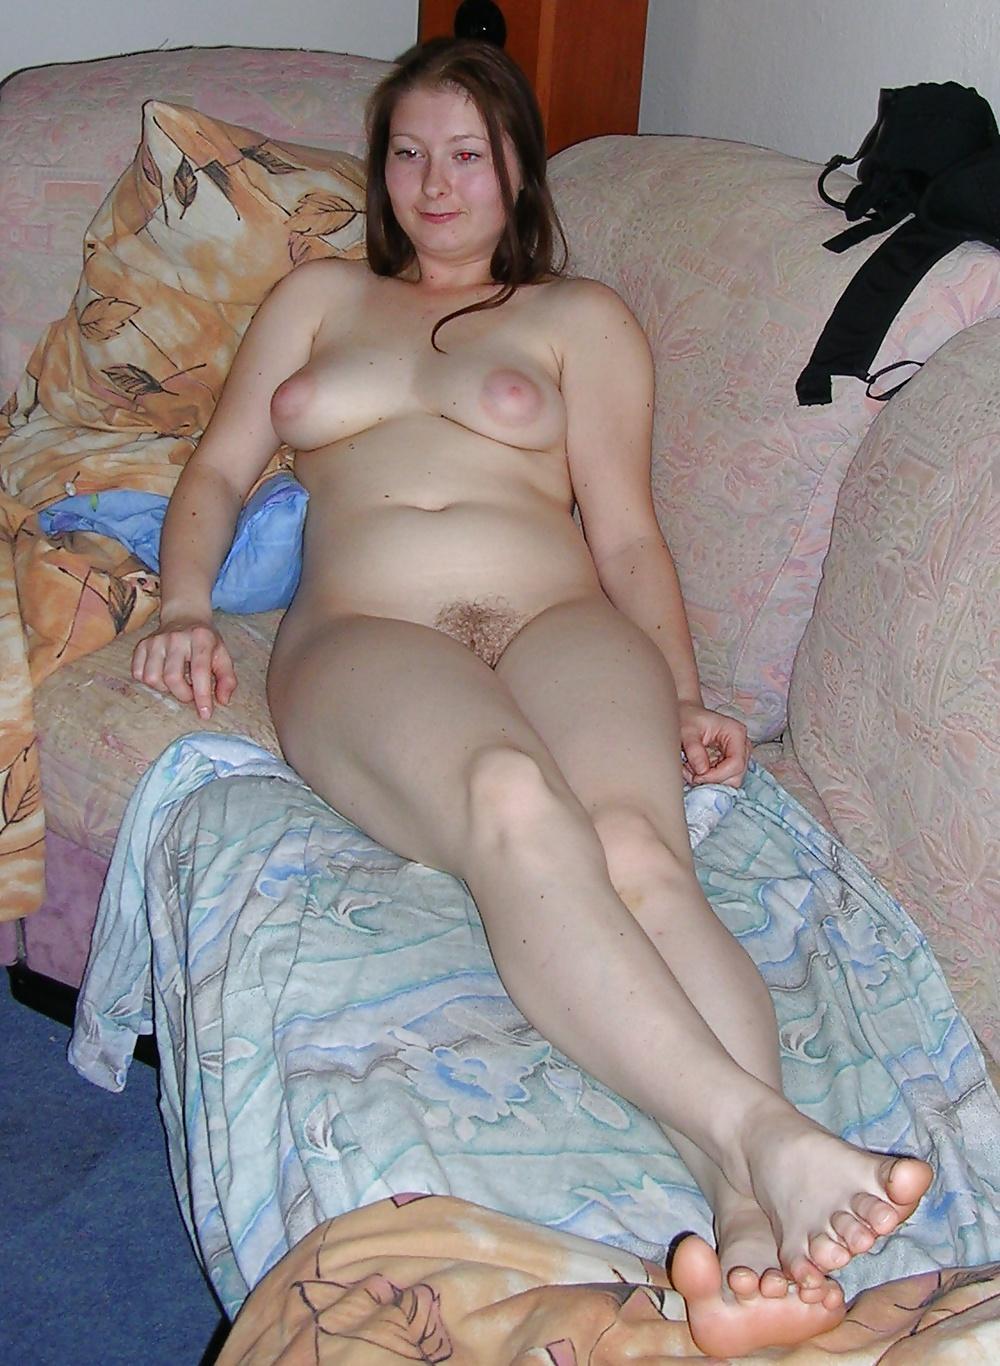 natülich scöne frauen nackt